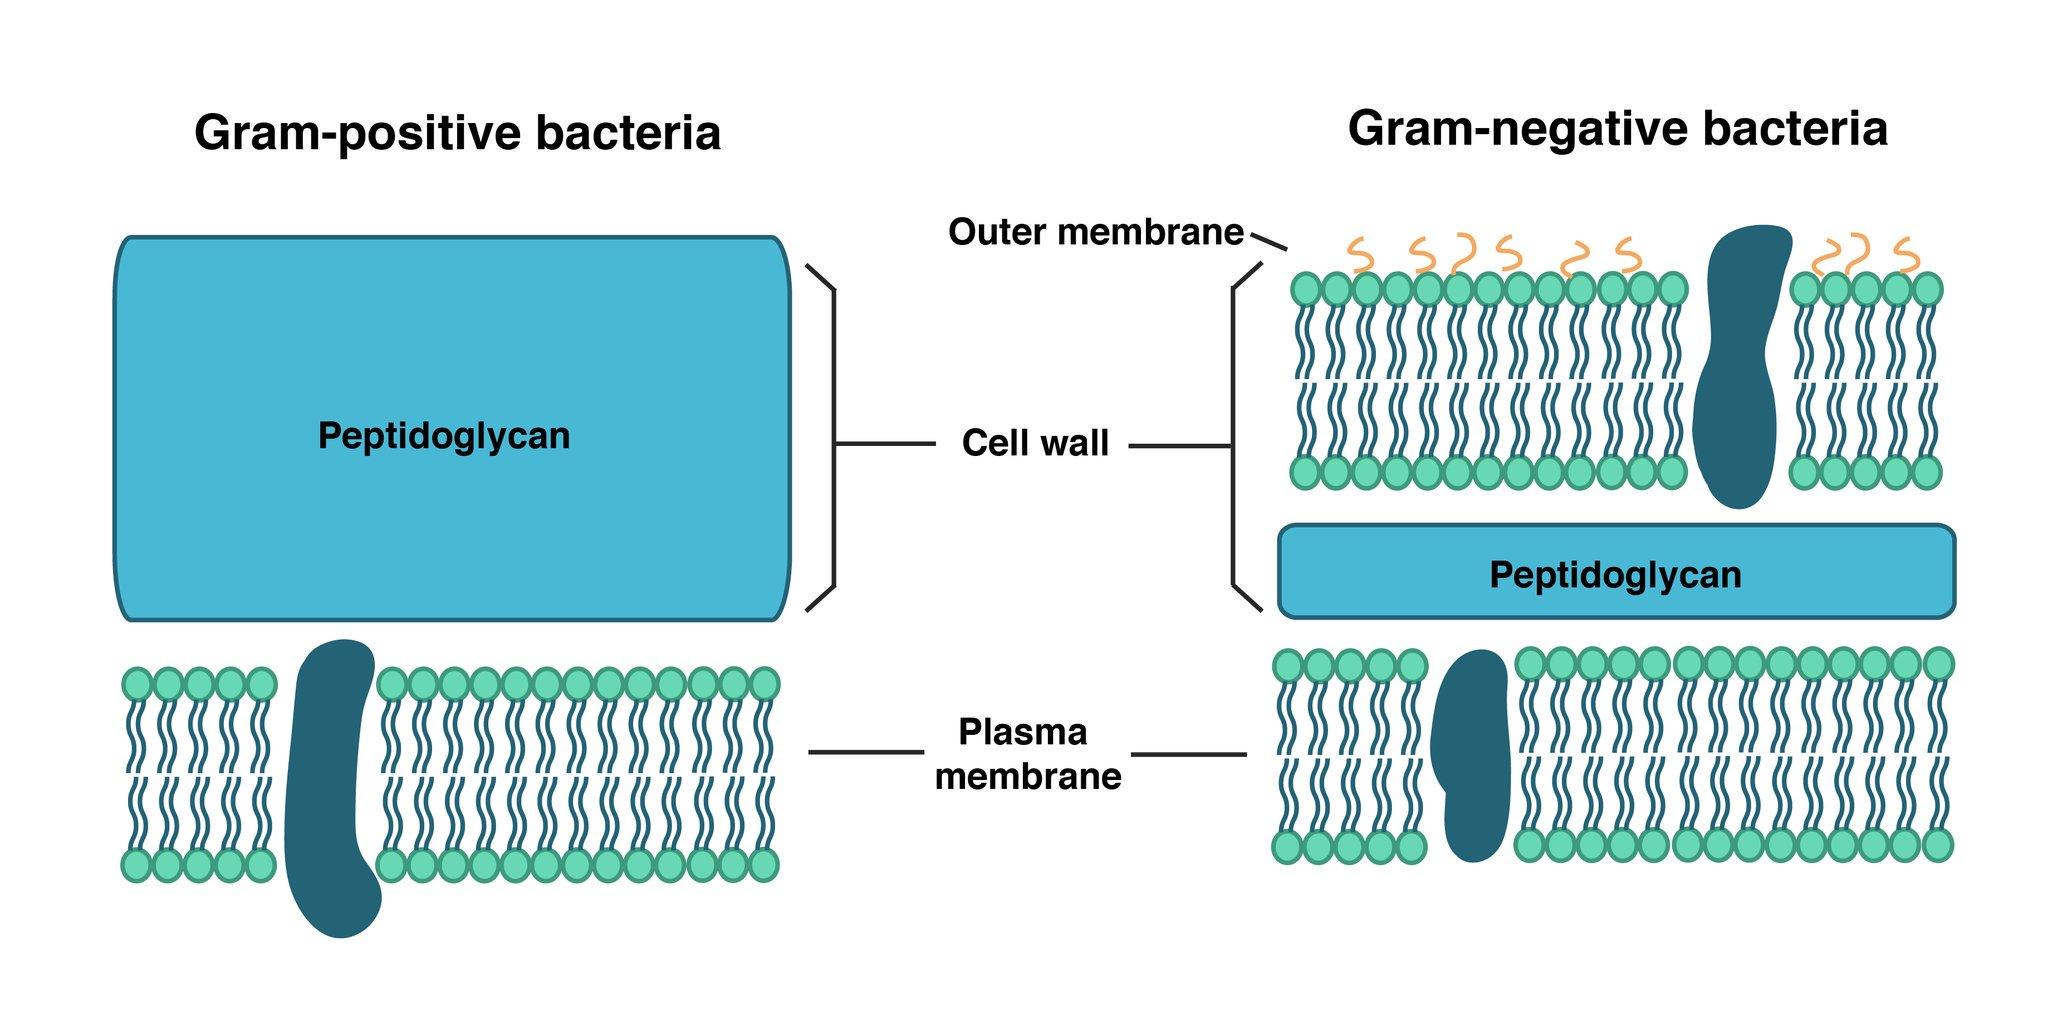 M I C R O B I O L O G Y V Twitter الجدار الخلوي Call Wall يتكون الجدار الخلوي للبكتيريا من مادة بيبتيدوجلايكان Peptidoglycan